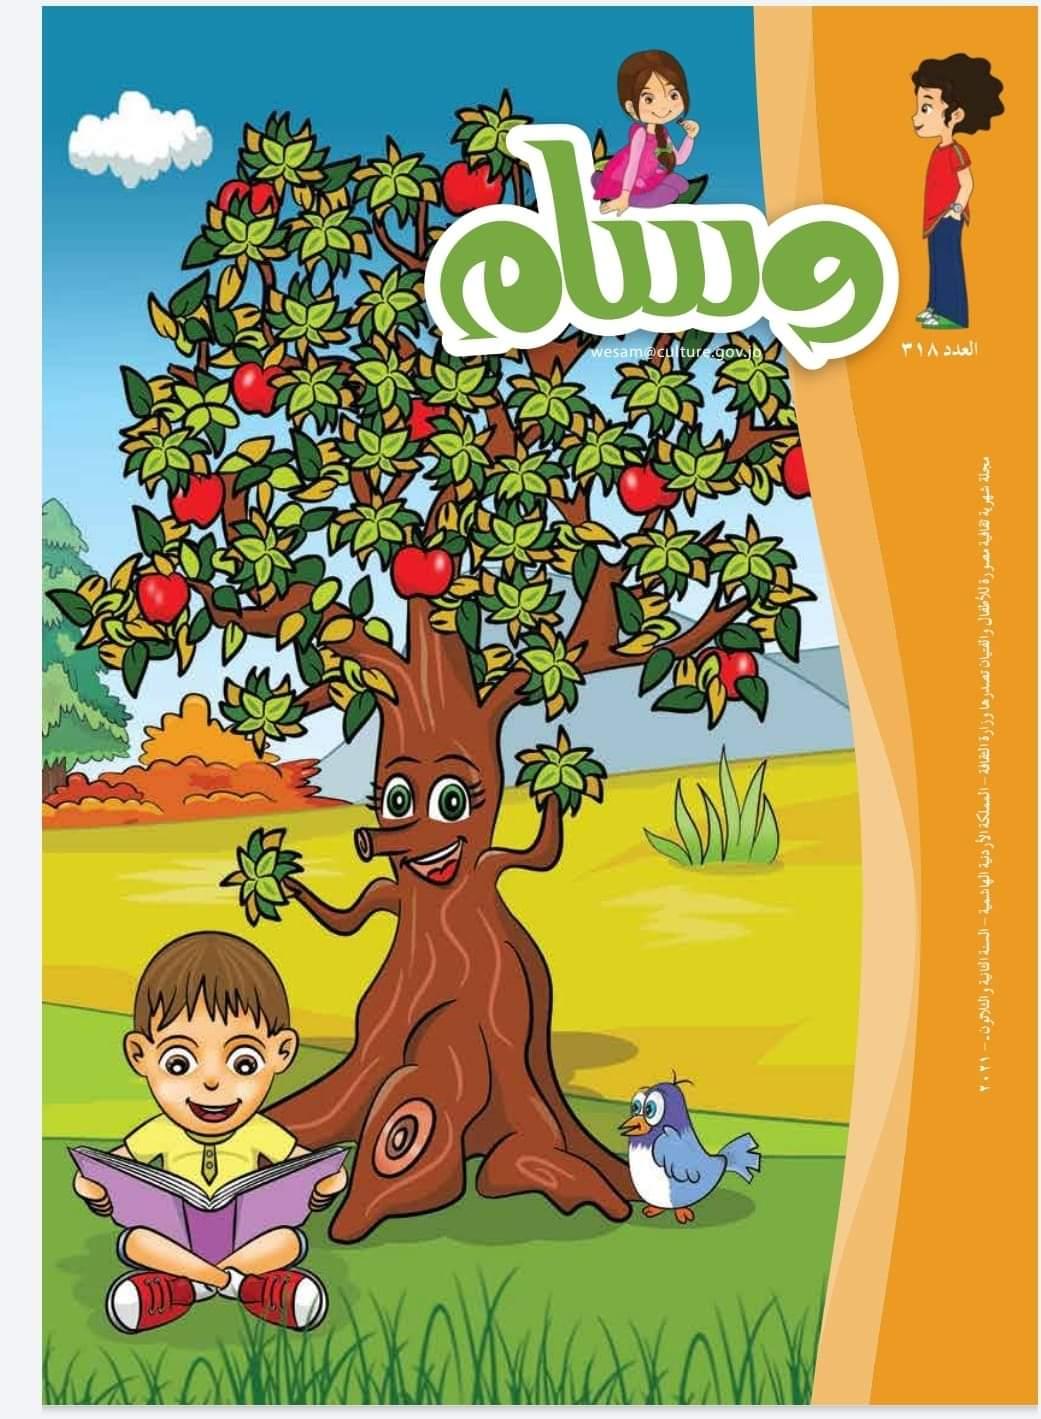 عدد جديد من مجلة وسام الشهرية والتي تصدر عن وزارة الثقافة